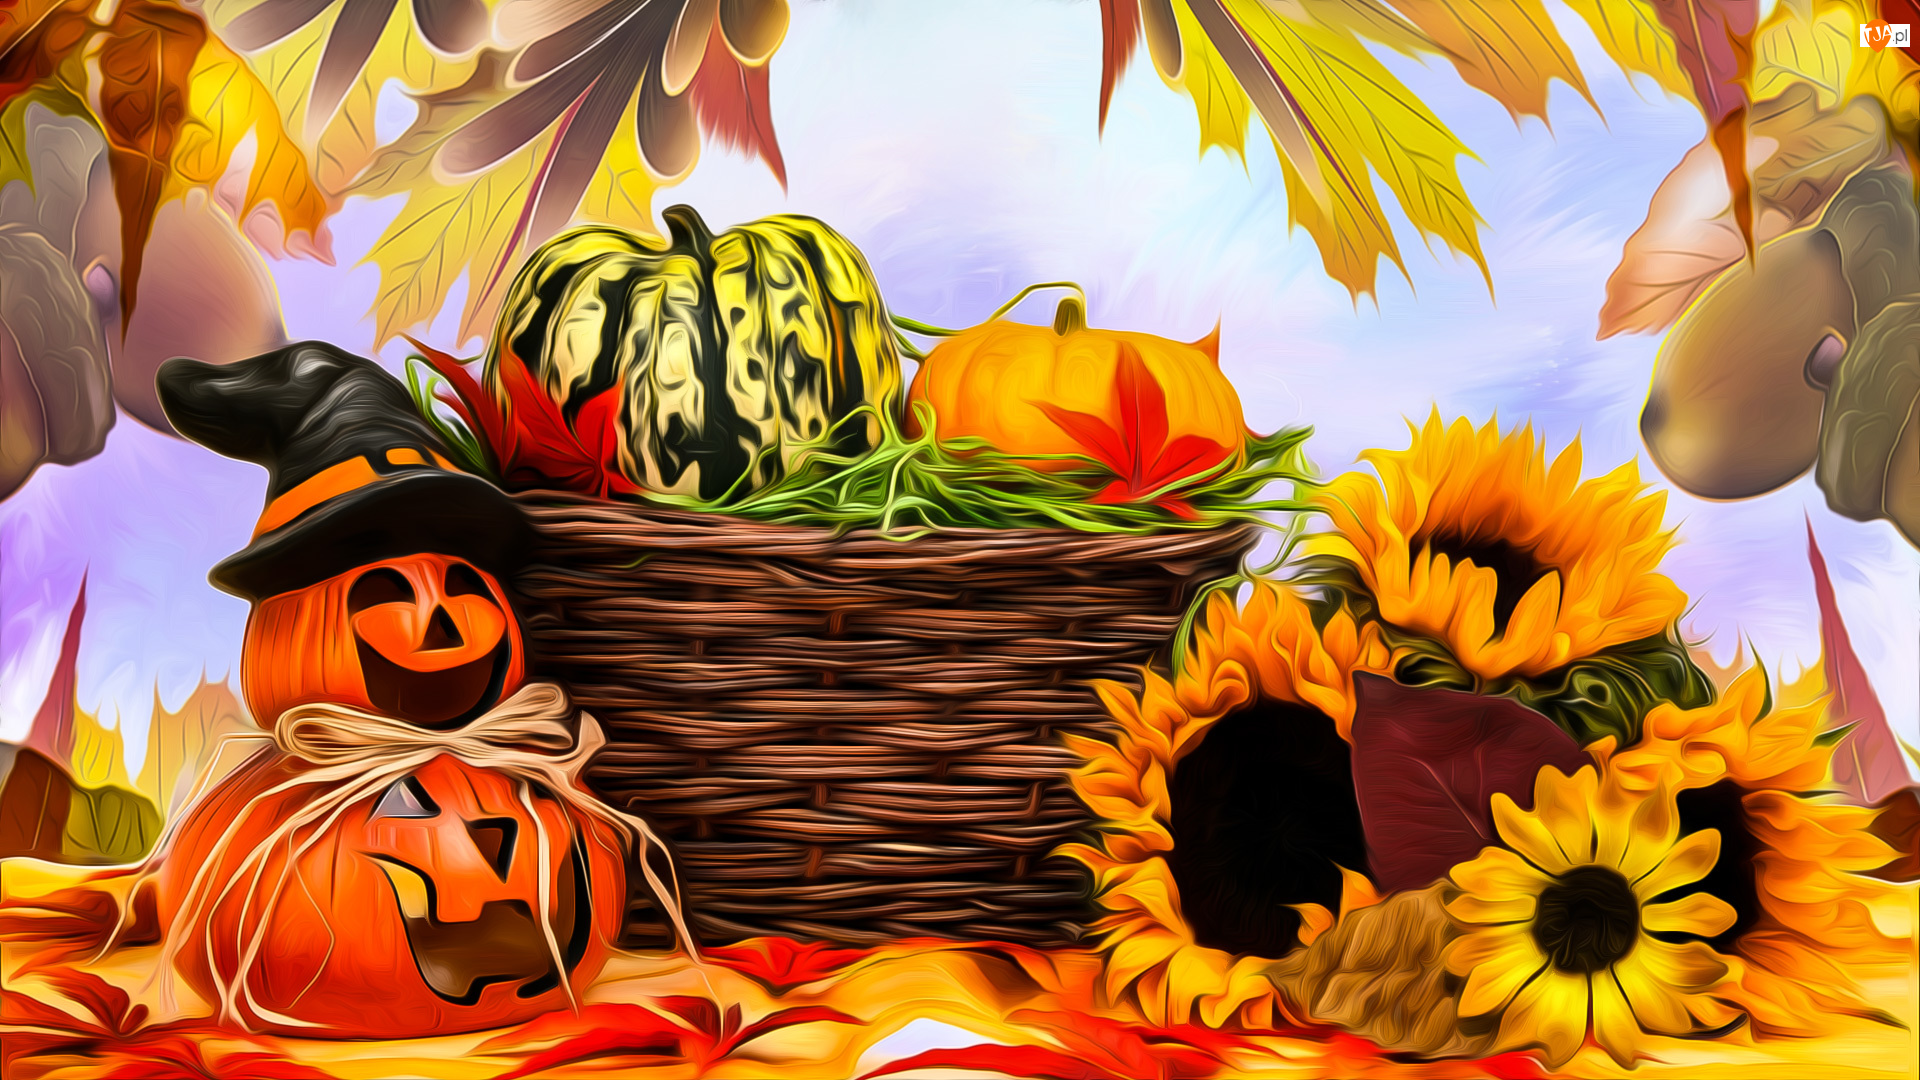 Liście, Halloween, Dynie, Słoneczniki, Koszyk, Kwiaty